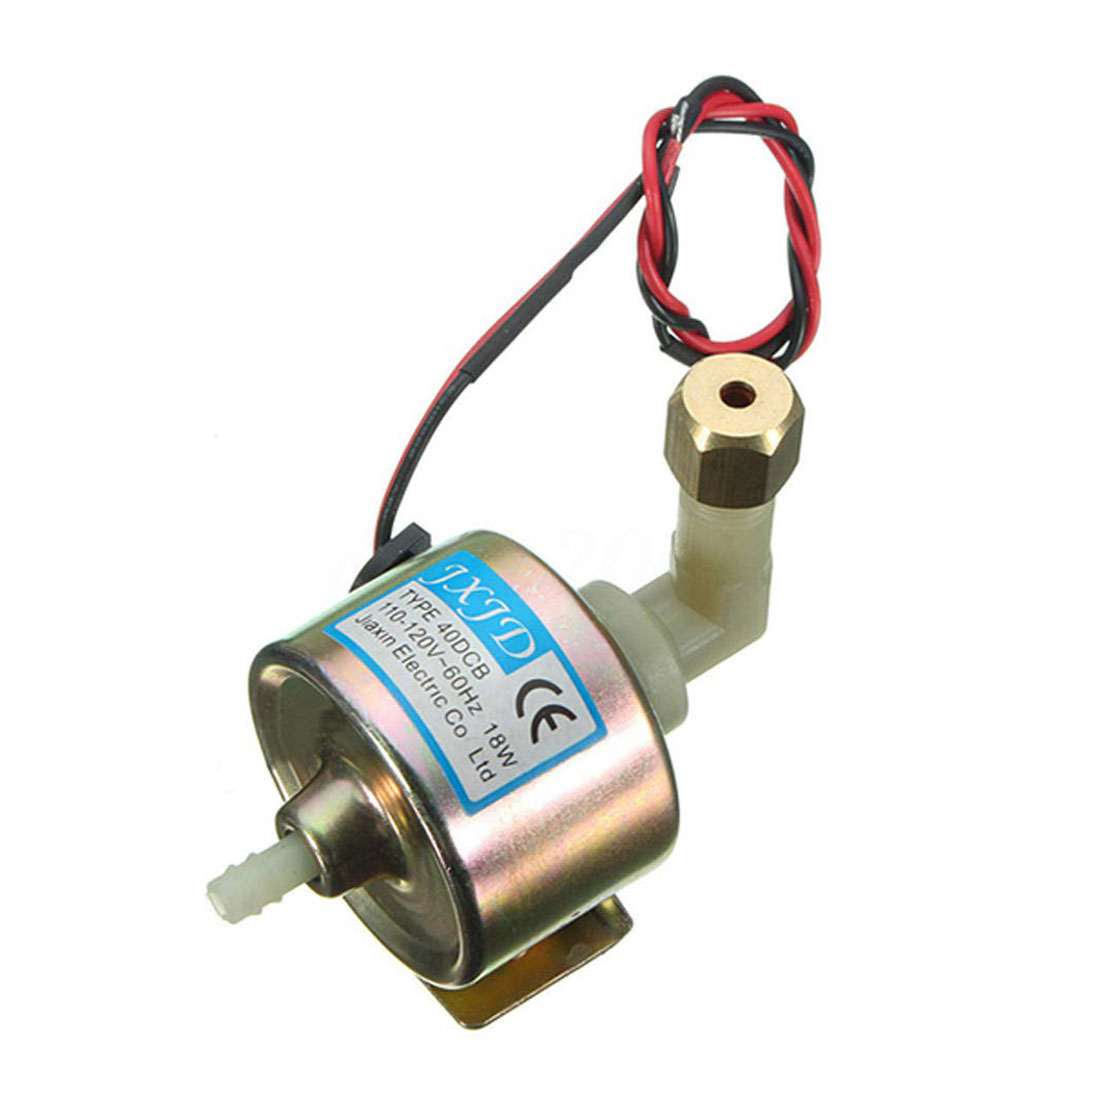 70x40mm  Brass AC 220V 50HZ Oil Pump 40DCB Stage Party Parts For 400W 900W 1500W Fog Smoke Machine